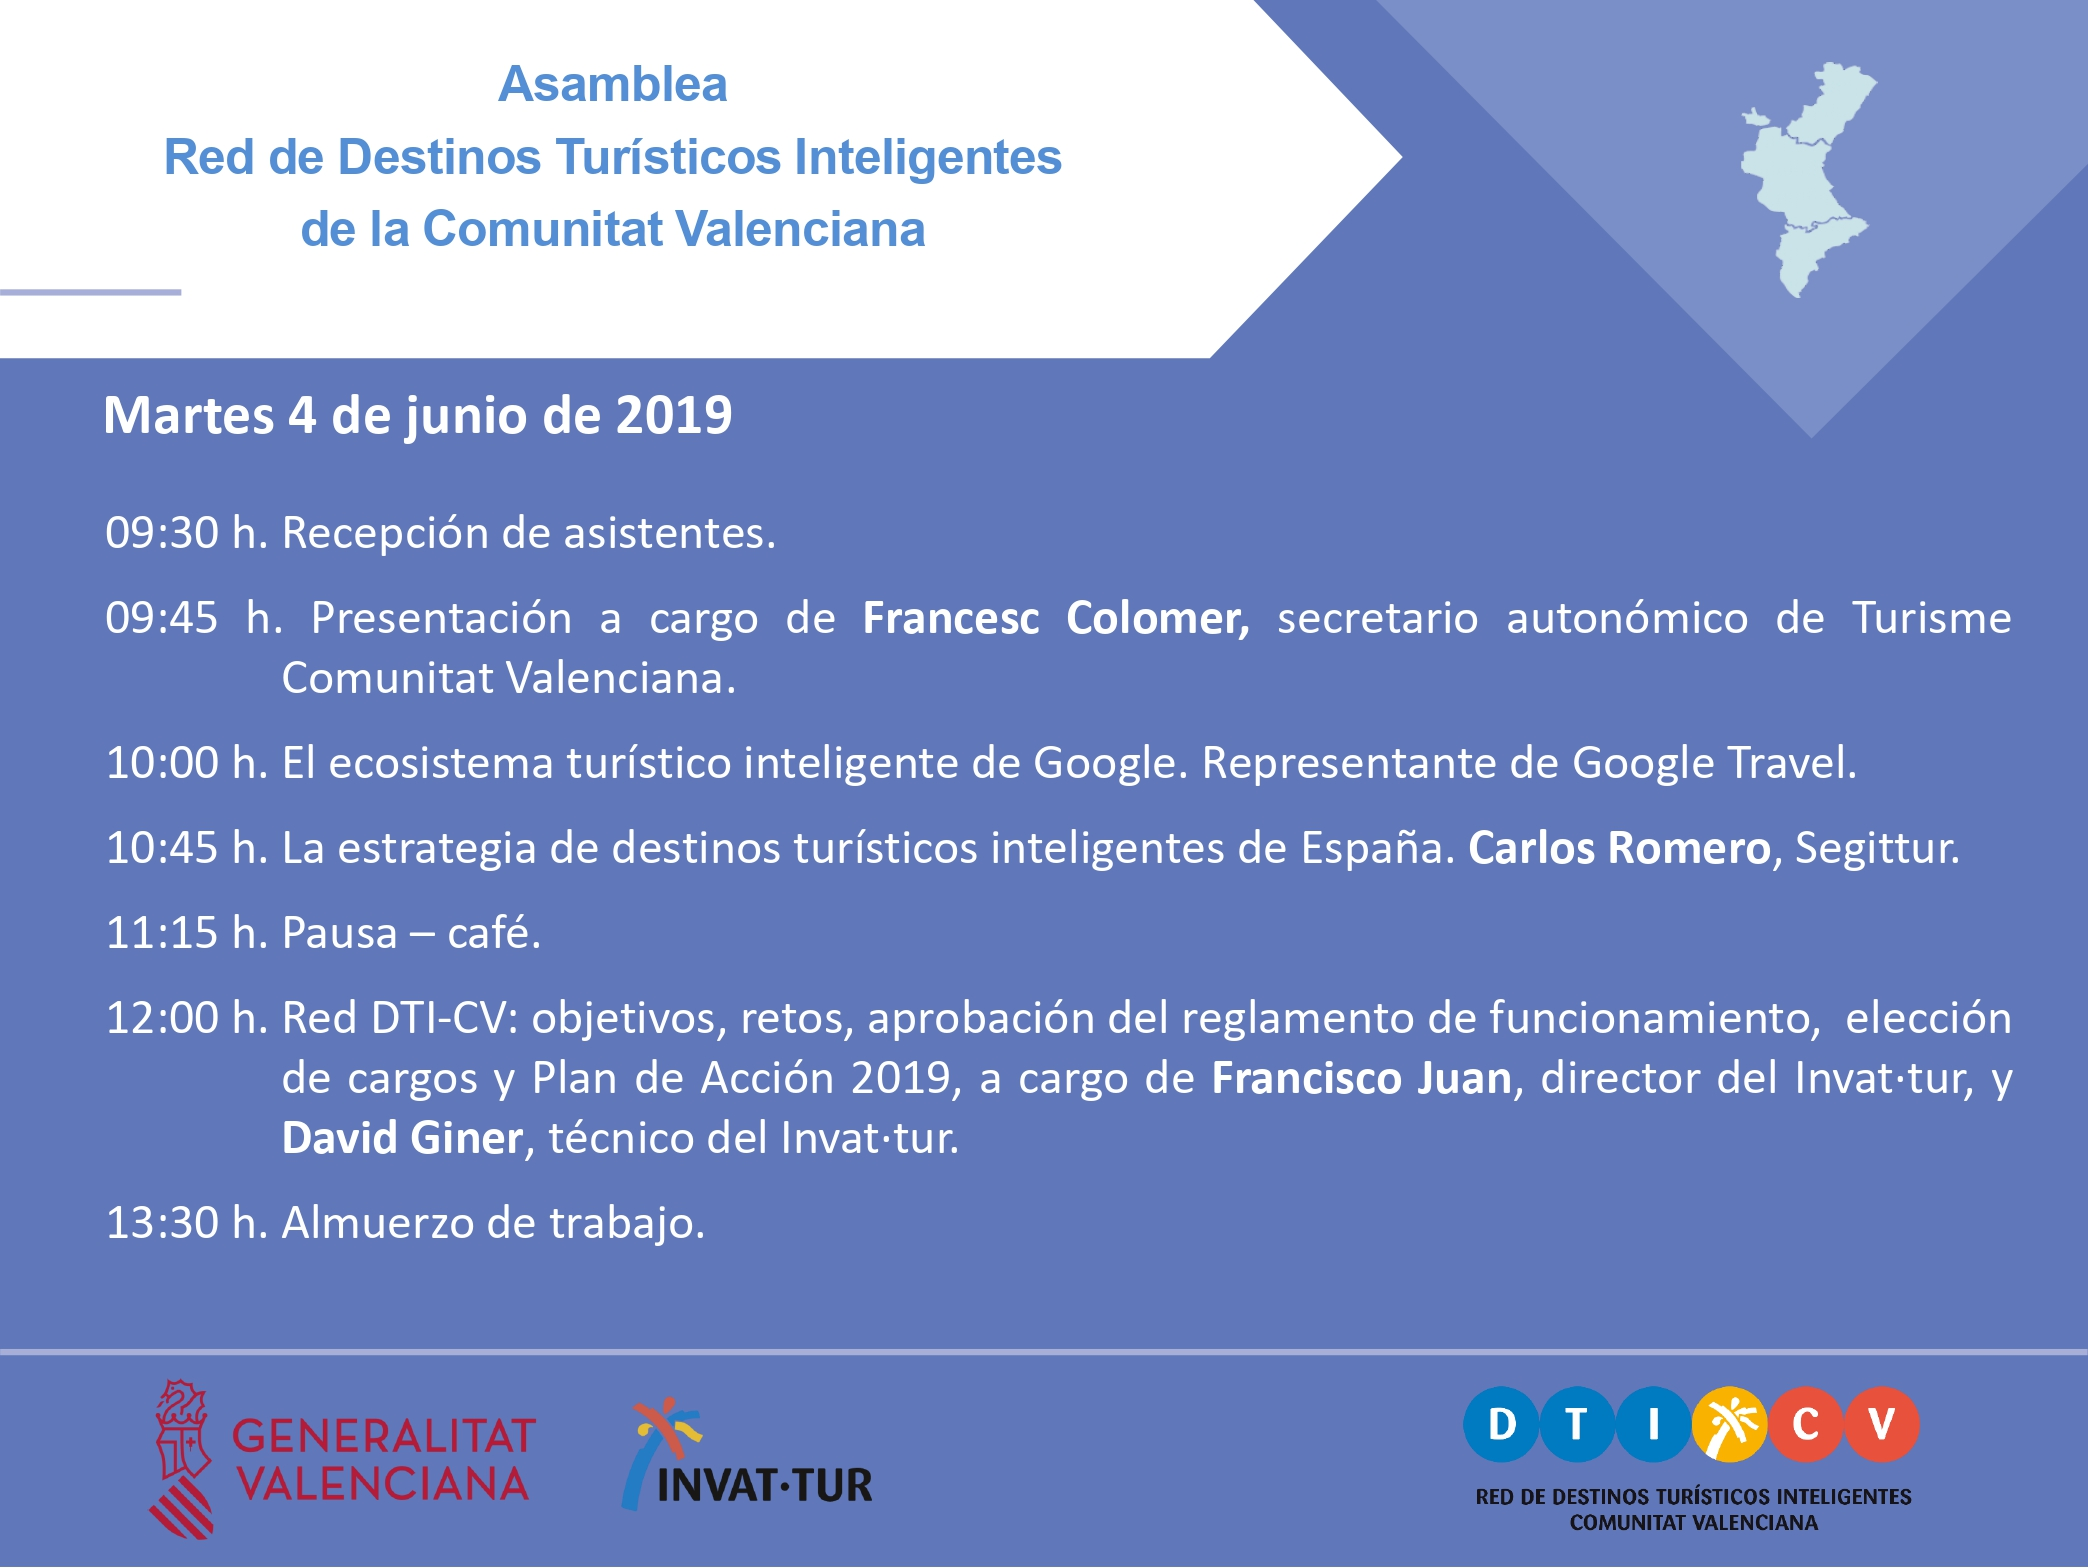 Programa de la Asamblea de la Red de Destinos Turísticos Inteligentes de la Comunitat Valenciana, Red DTICV, 2019